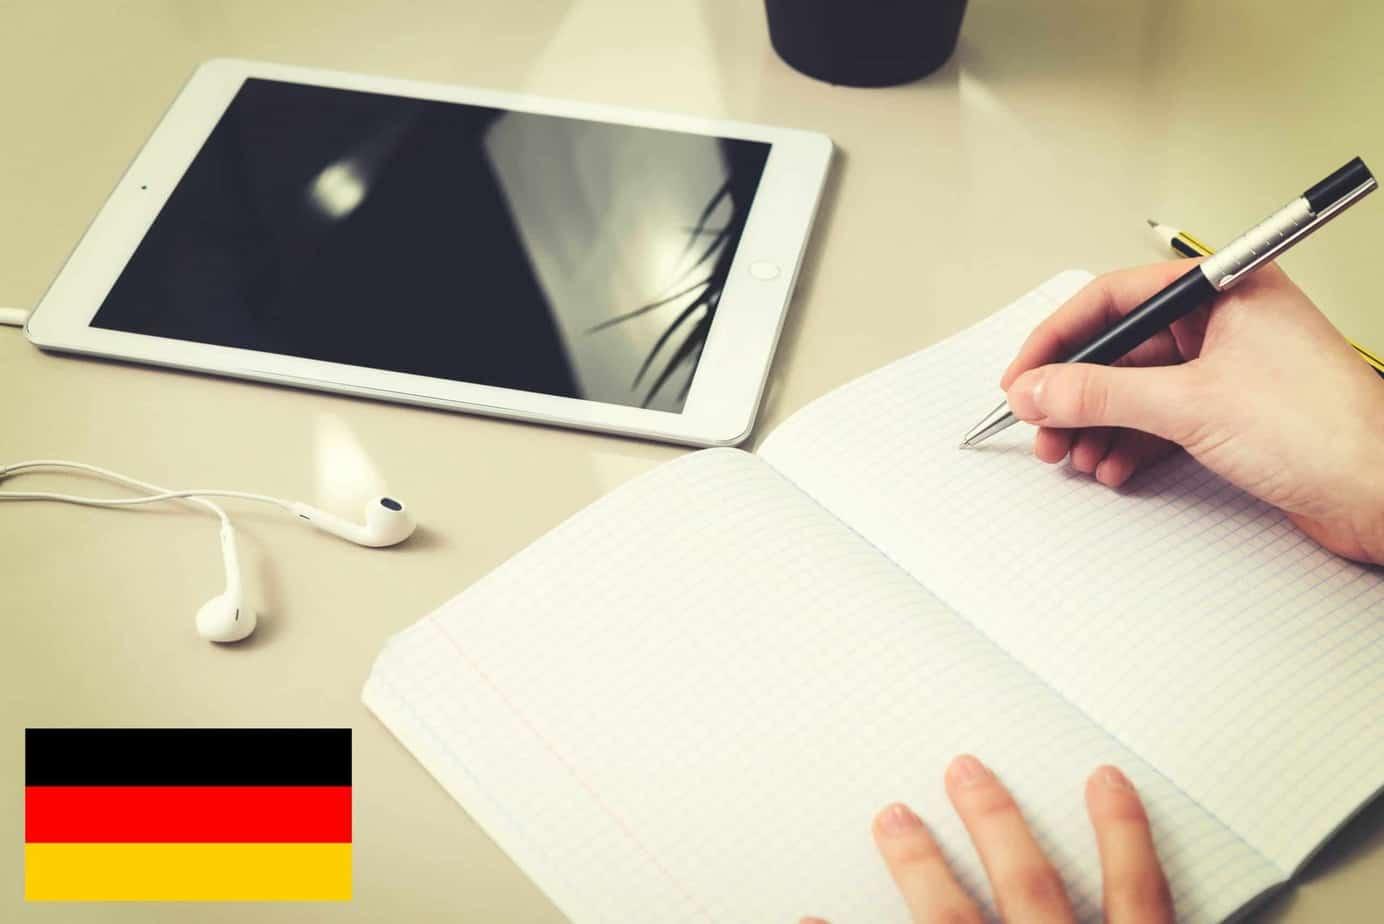 curso de alemão online grátis partiu intercambio